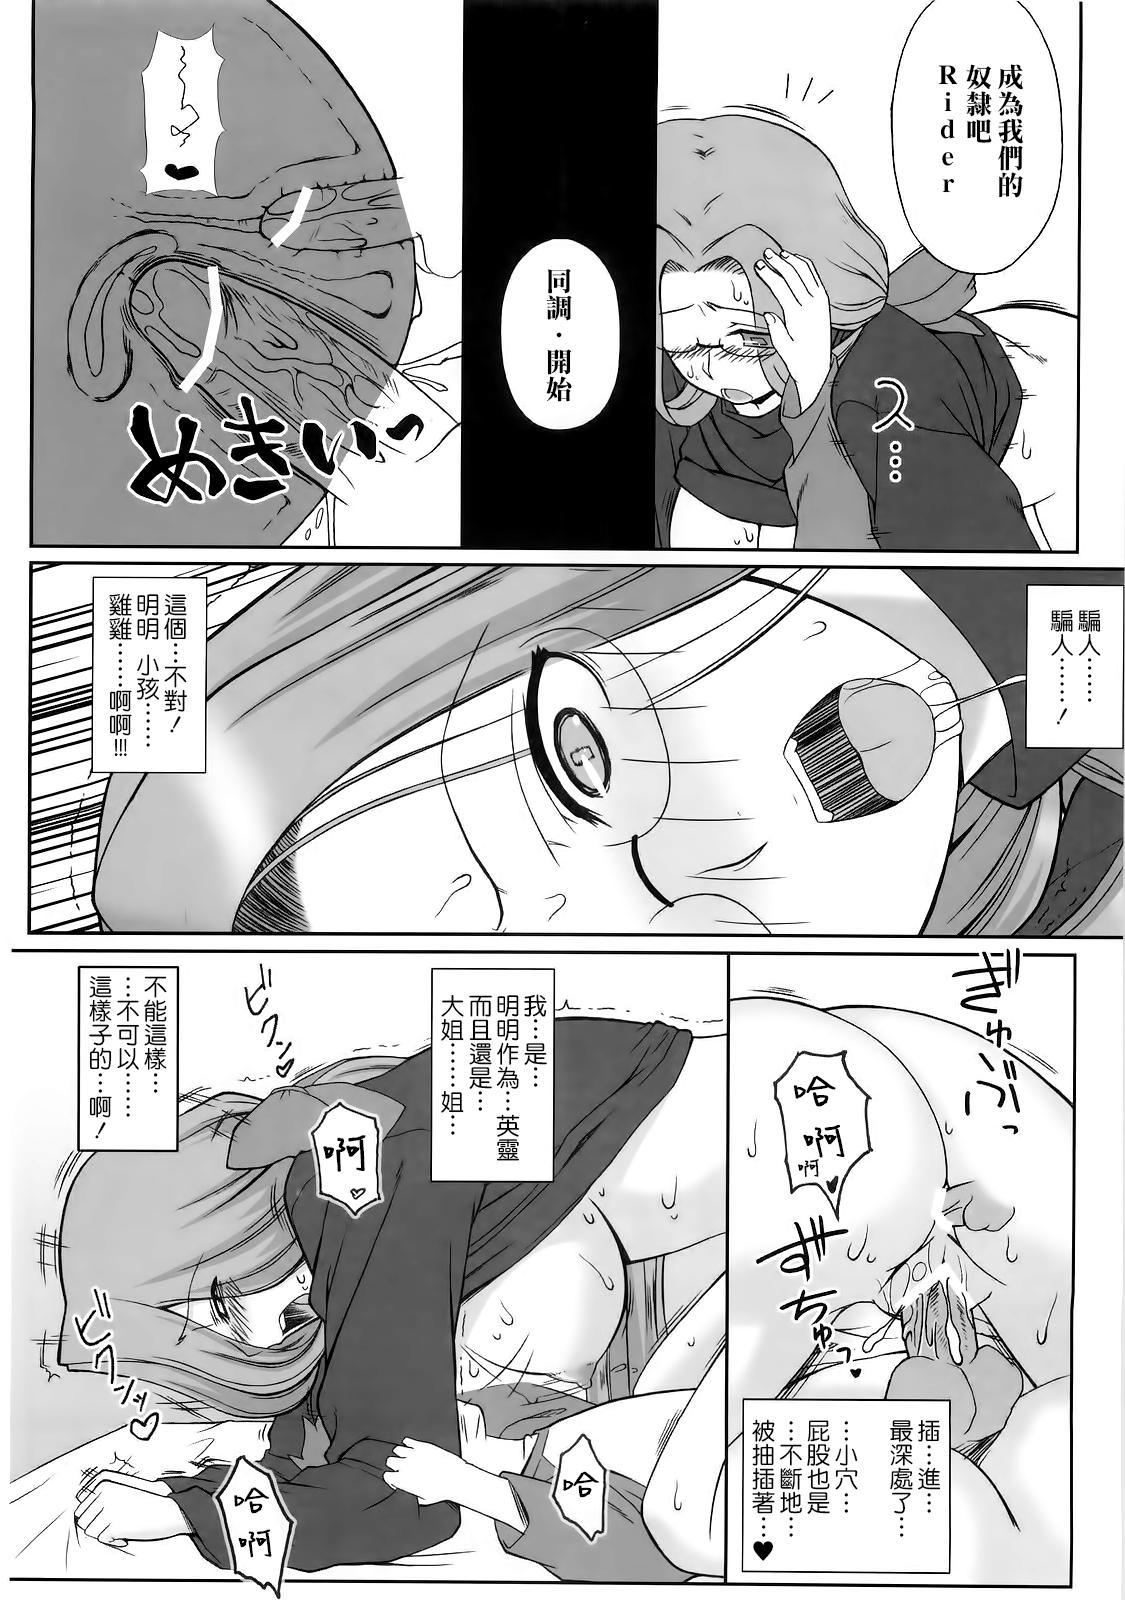 Yappari Rider wa Eroina. 4 Suimein Ryoujoku 11